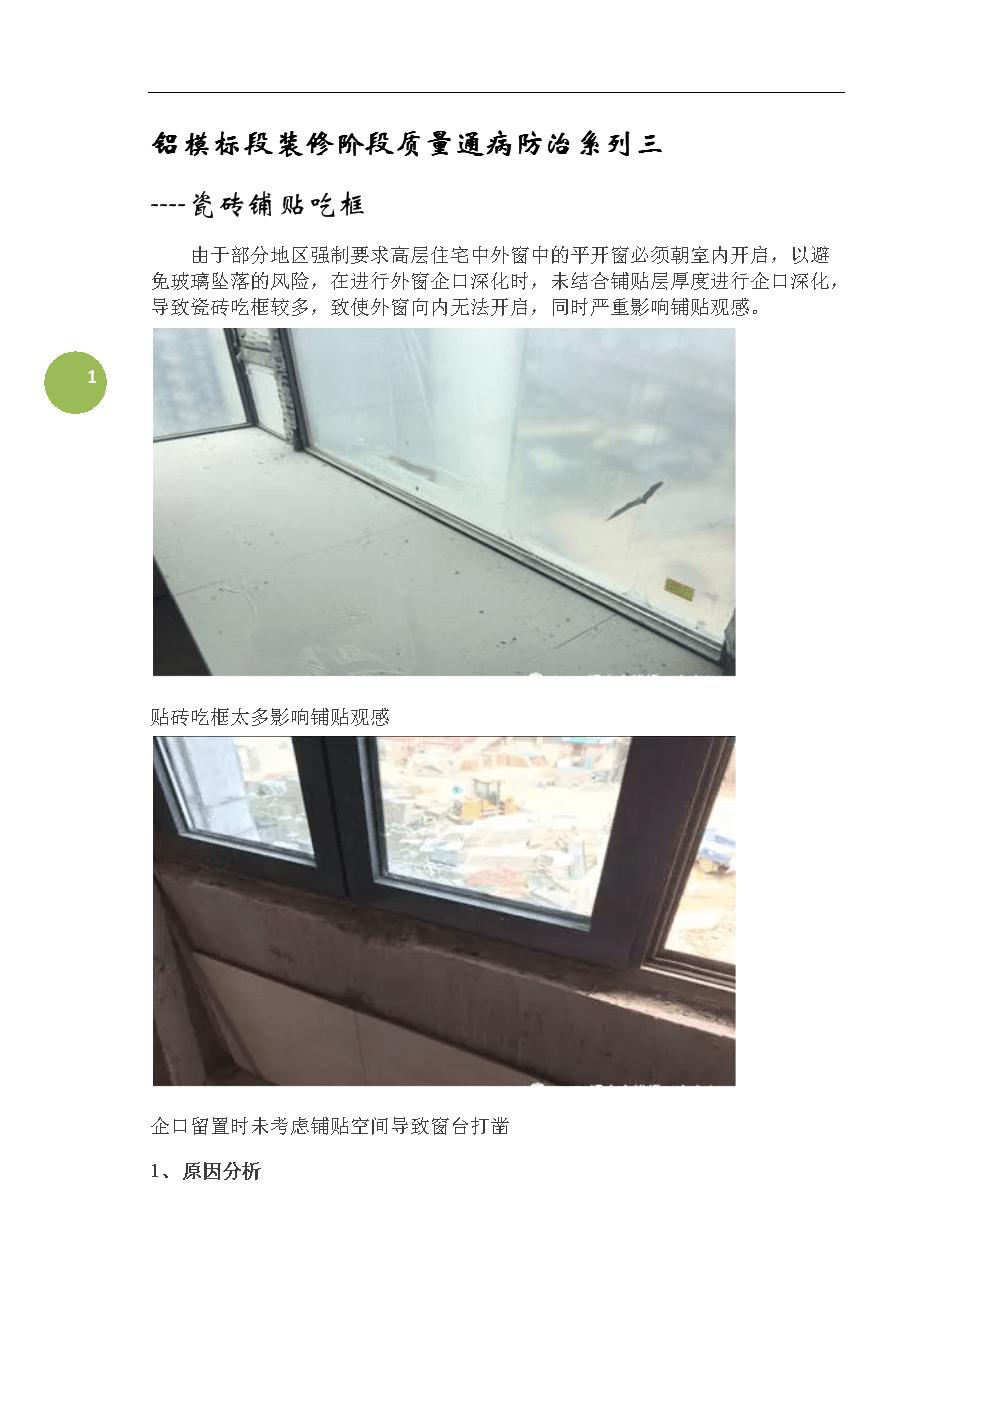 铝模标段装修阶段质量通病防治系列三.doc